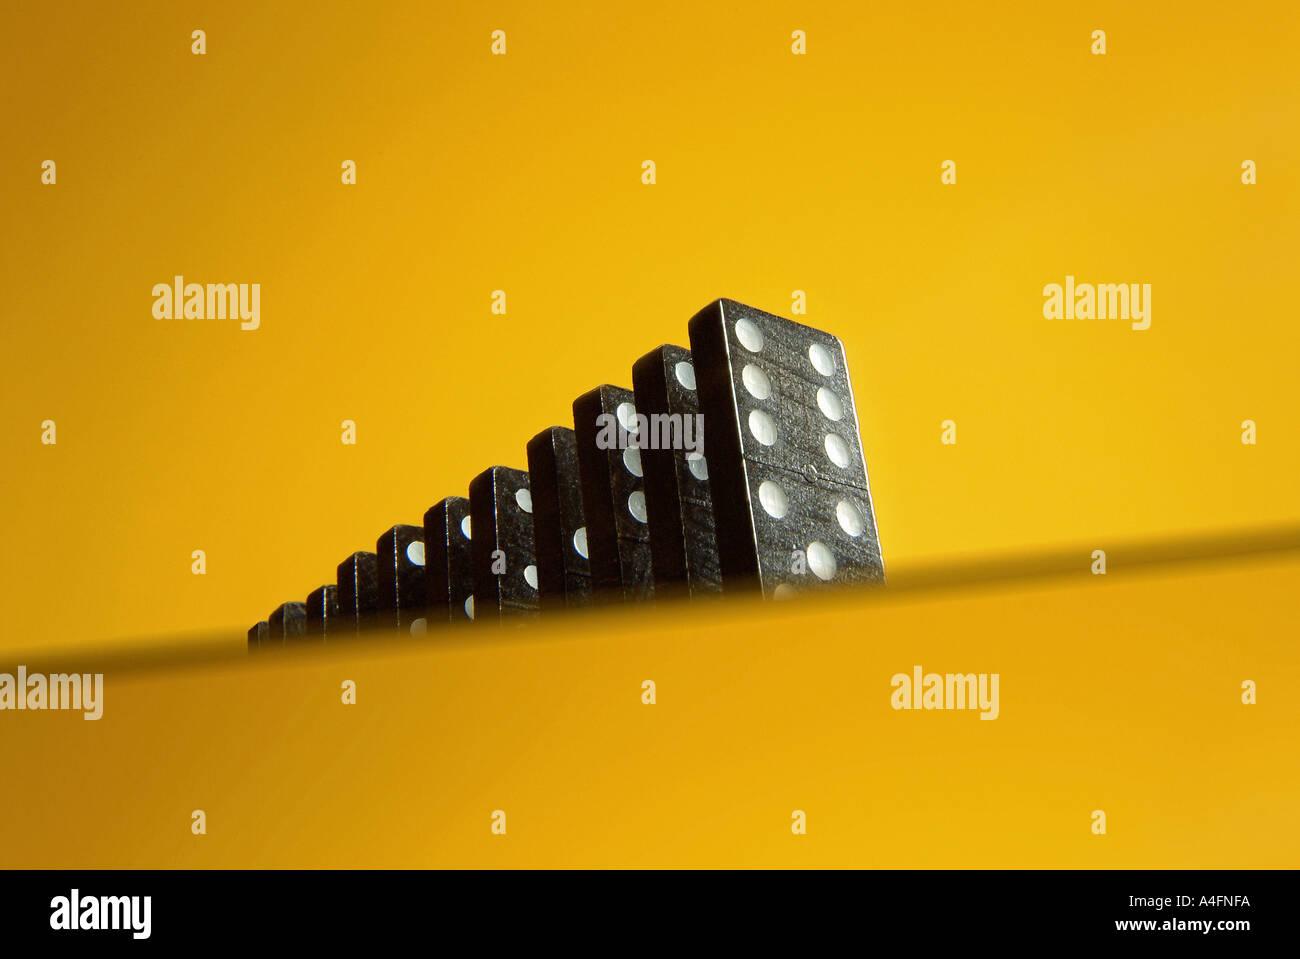 100 Dominosteine gelb